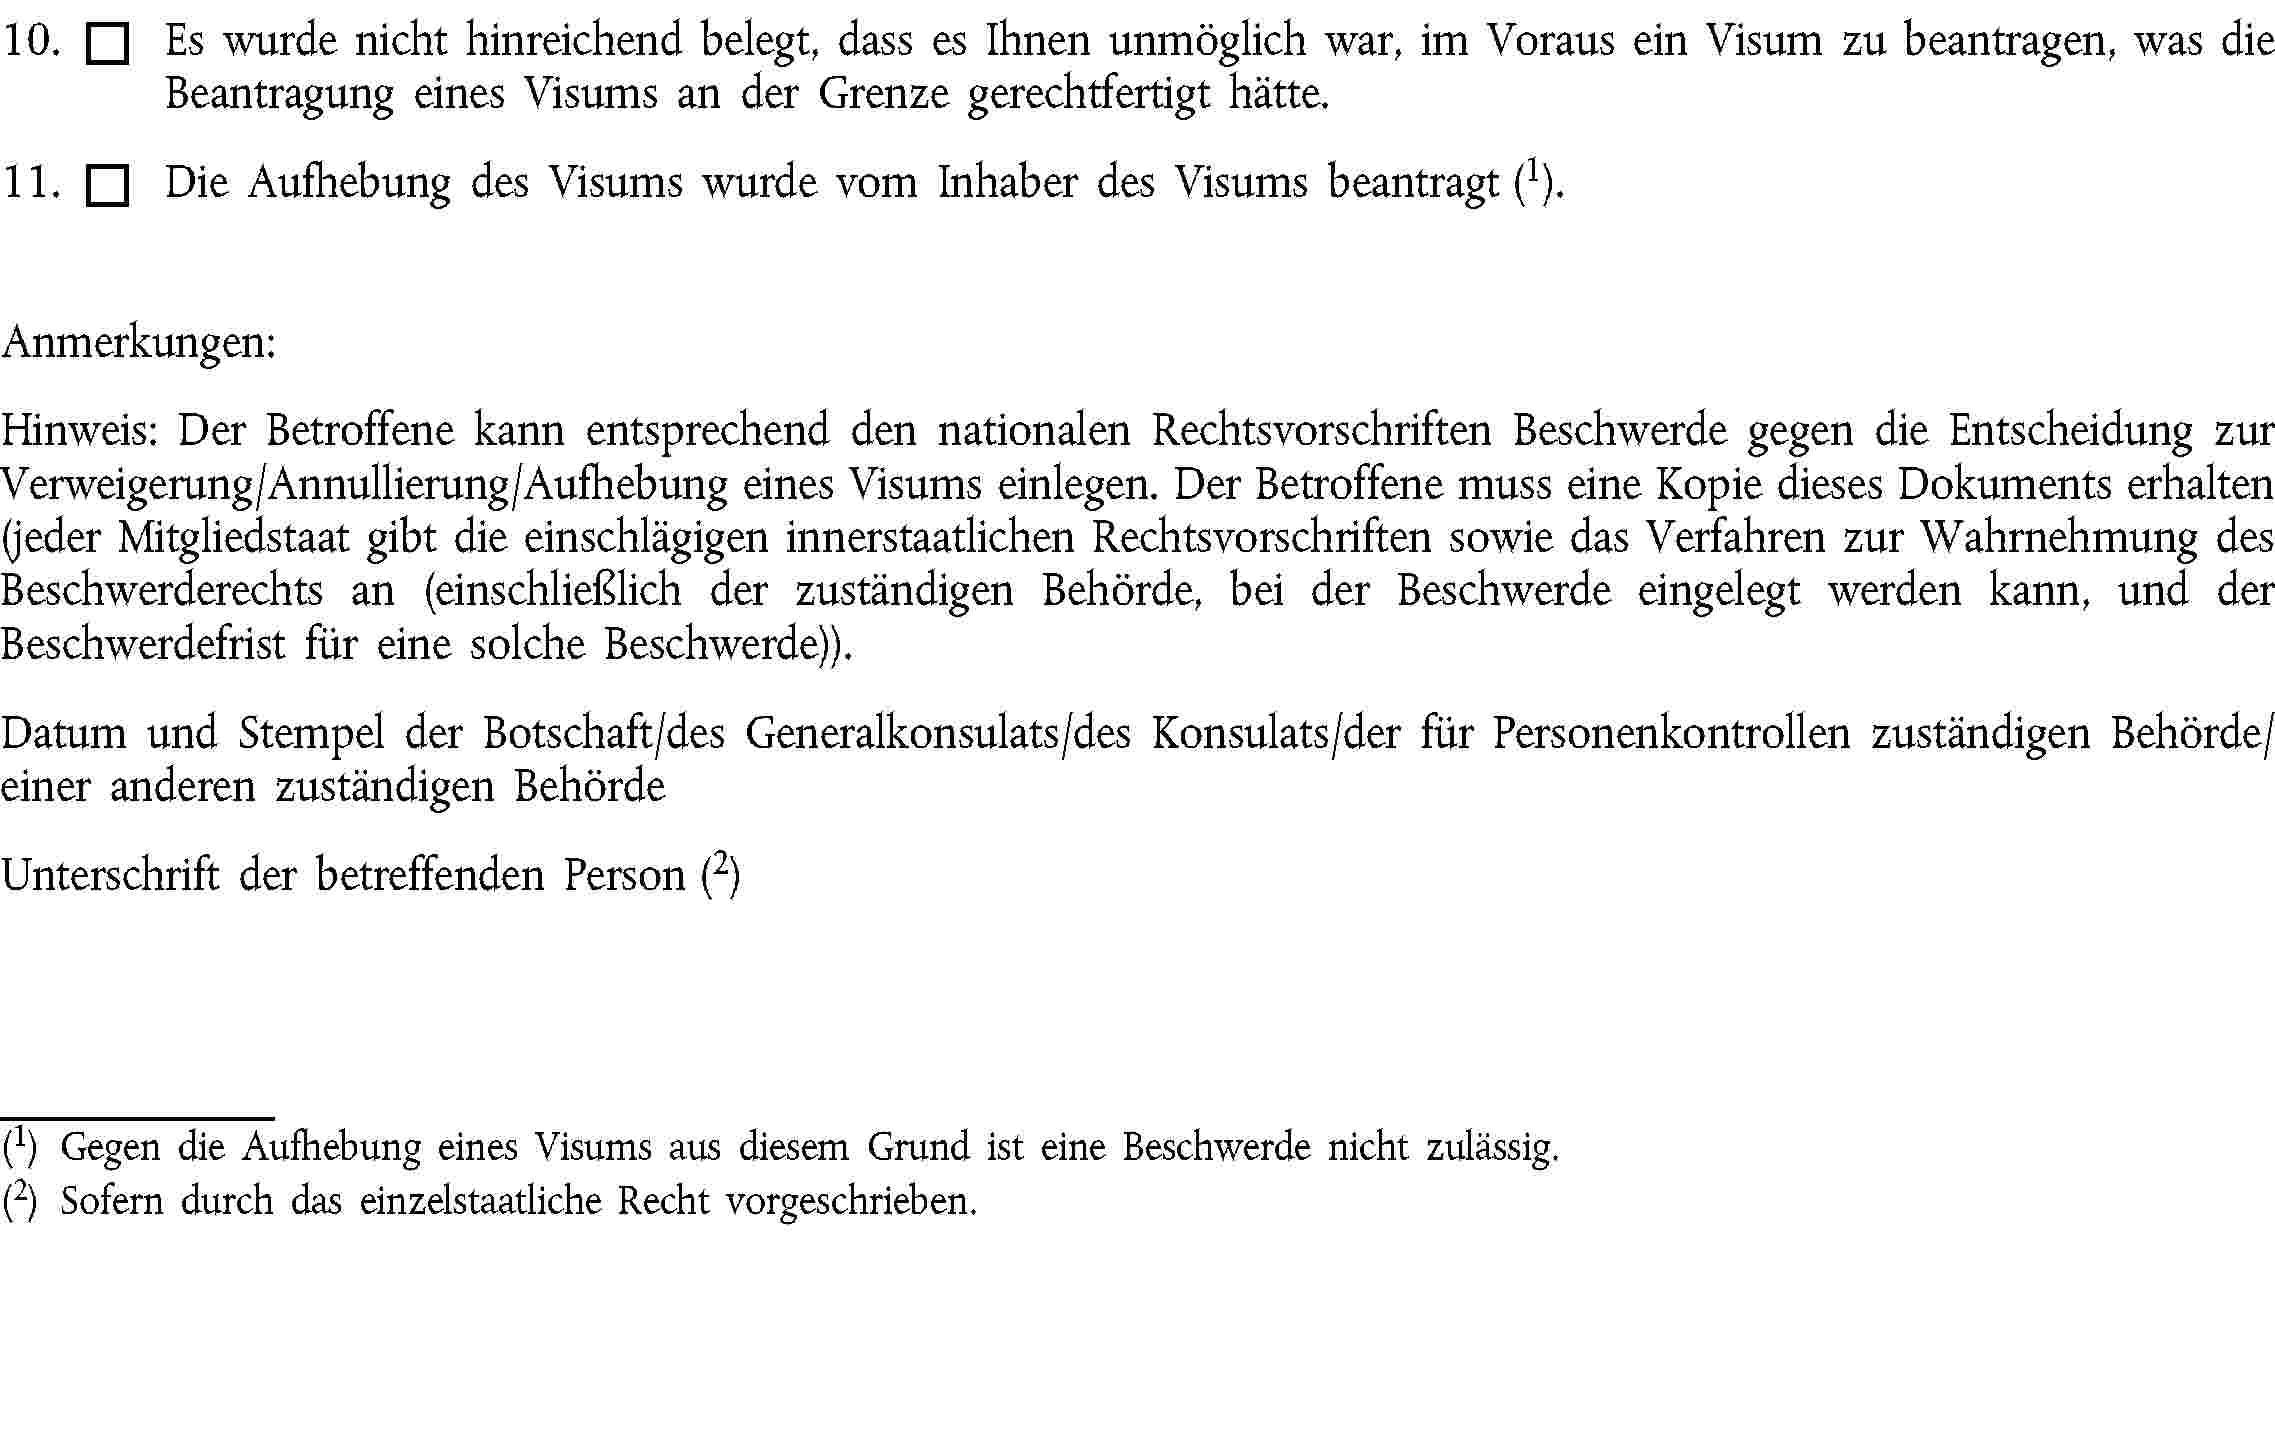 eur-lex - 02009r0810-20120320 - en - eur-lex, Einladung